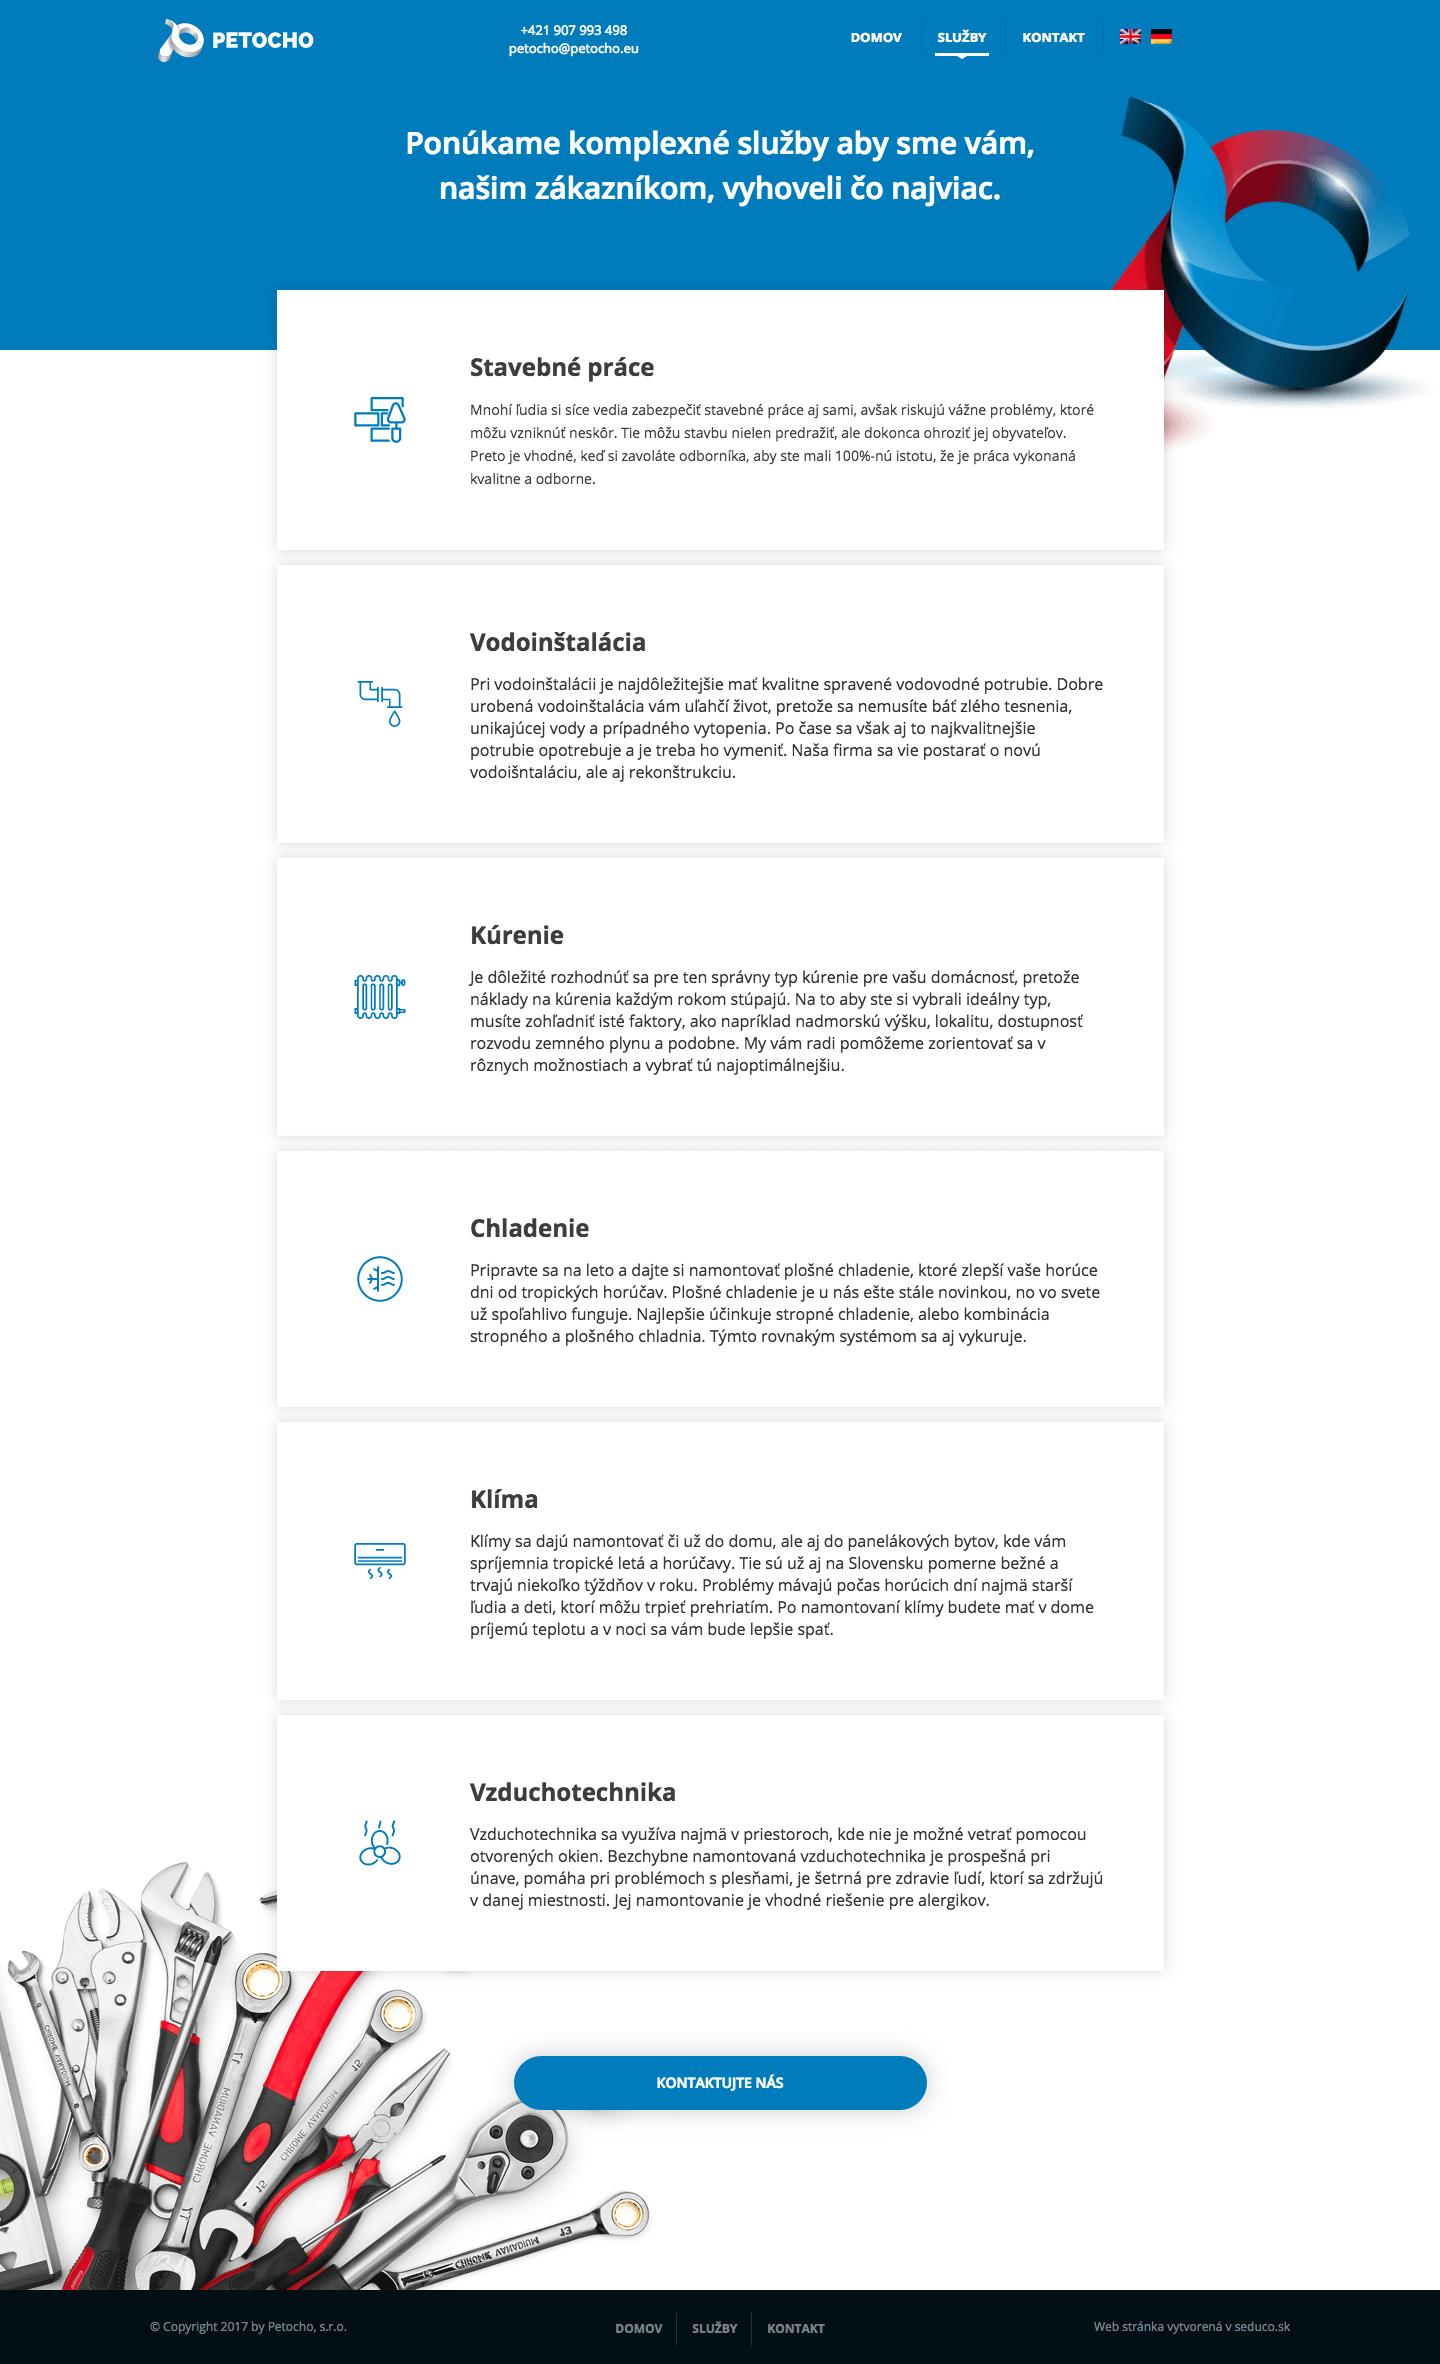 Petocho.eu - nová web stránka Wordpress - služby